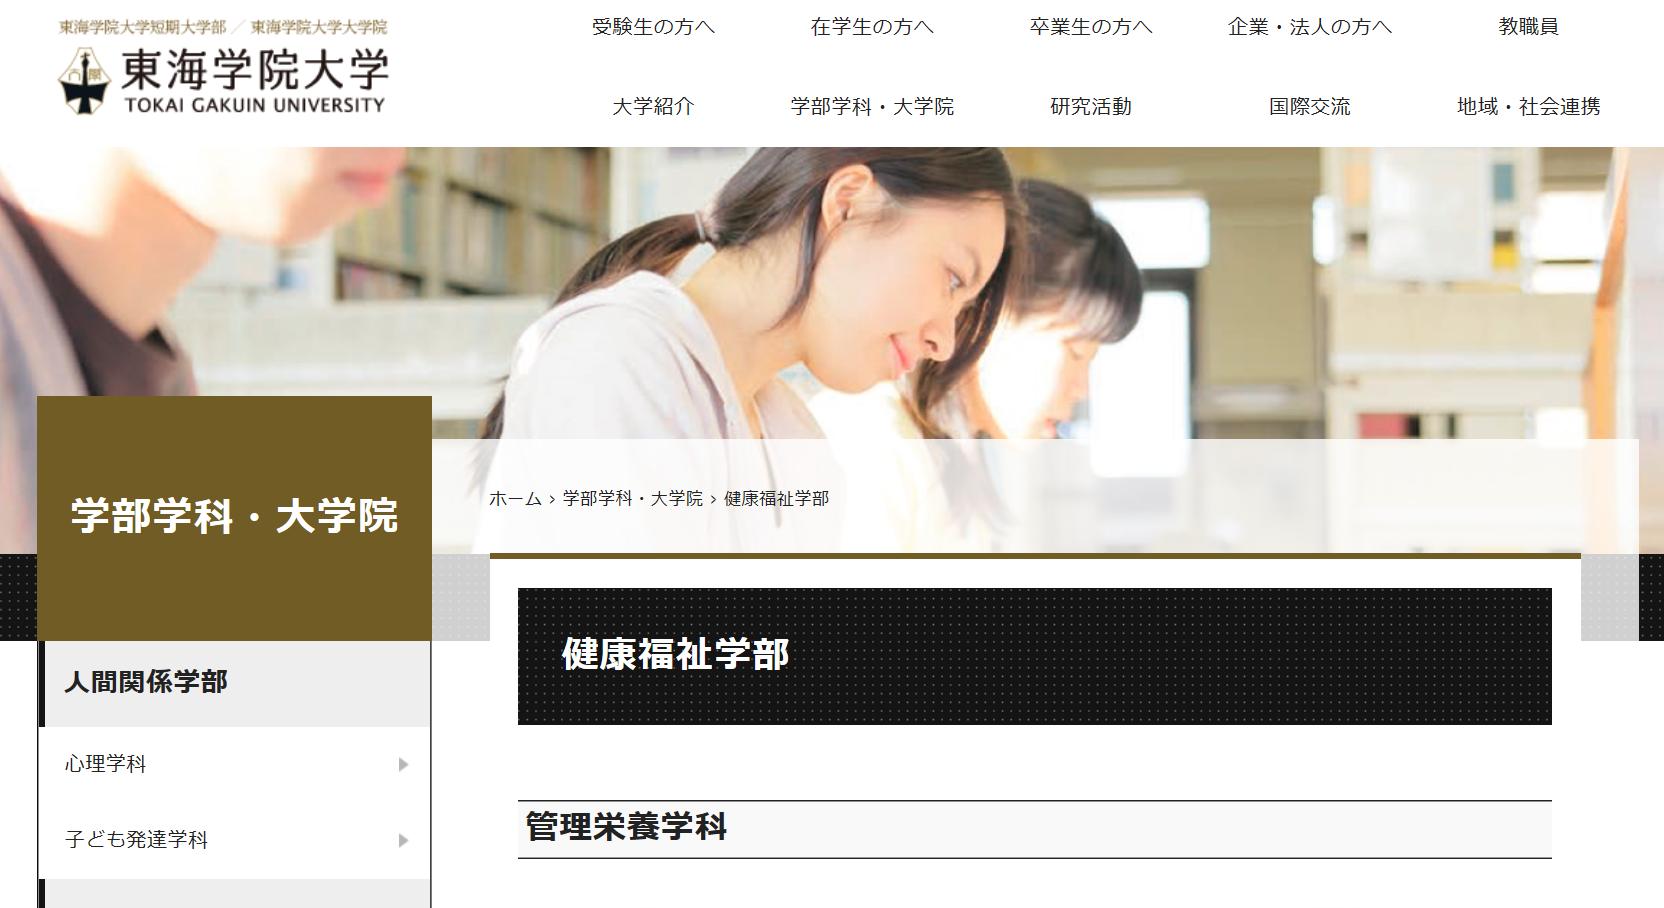 東海学院大学の評判・口コミ【健康福祉学部編】